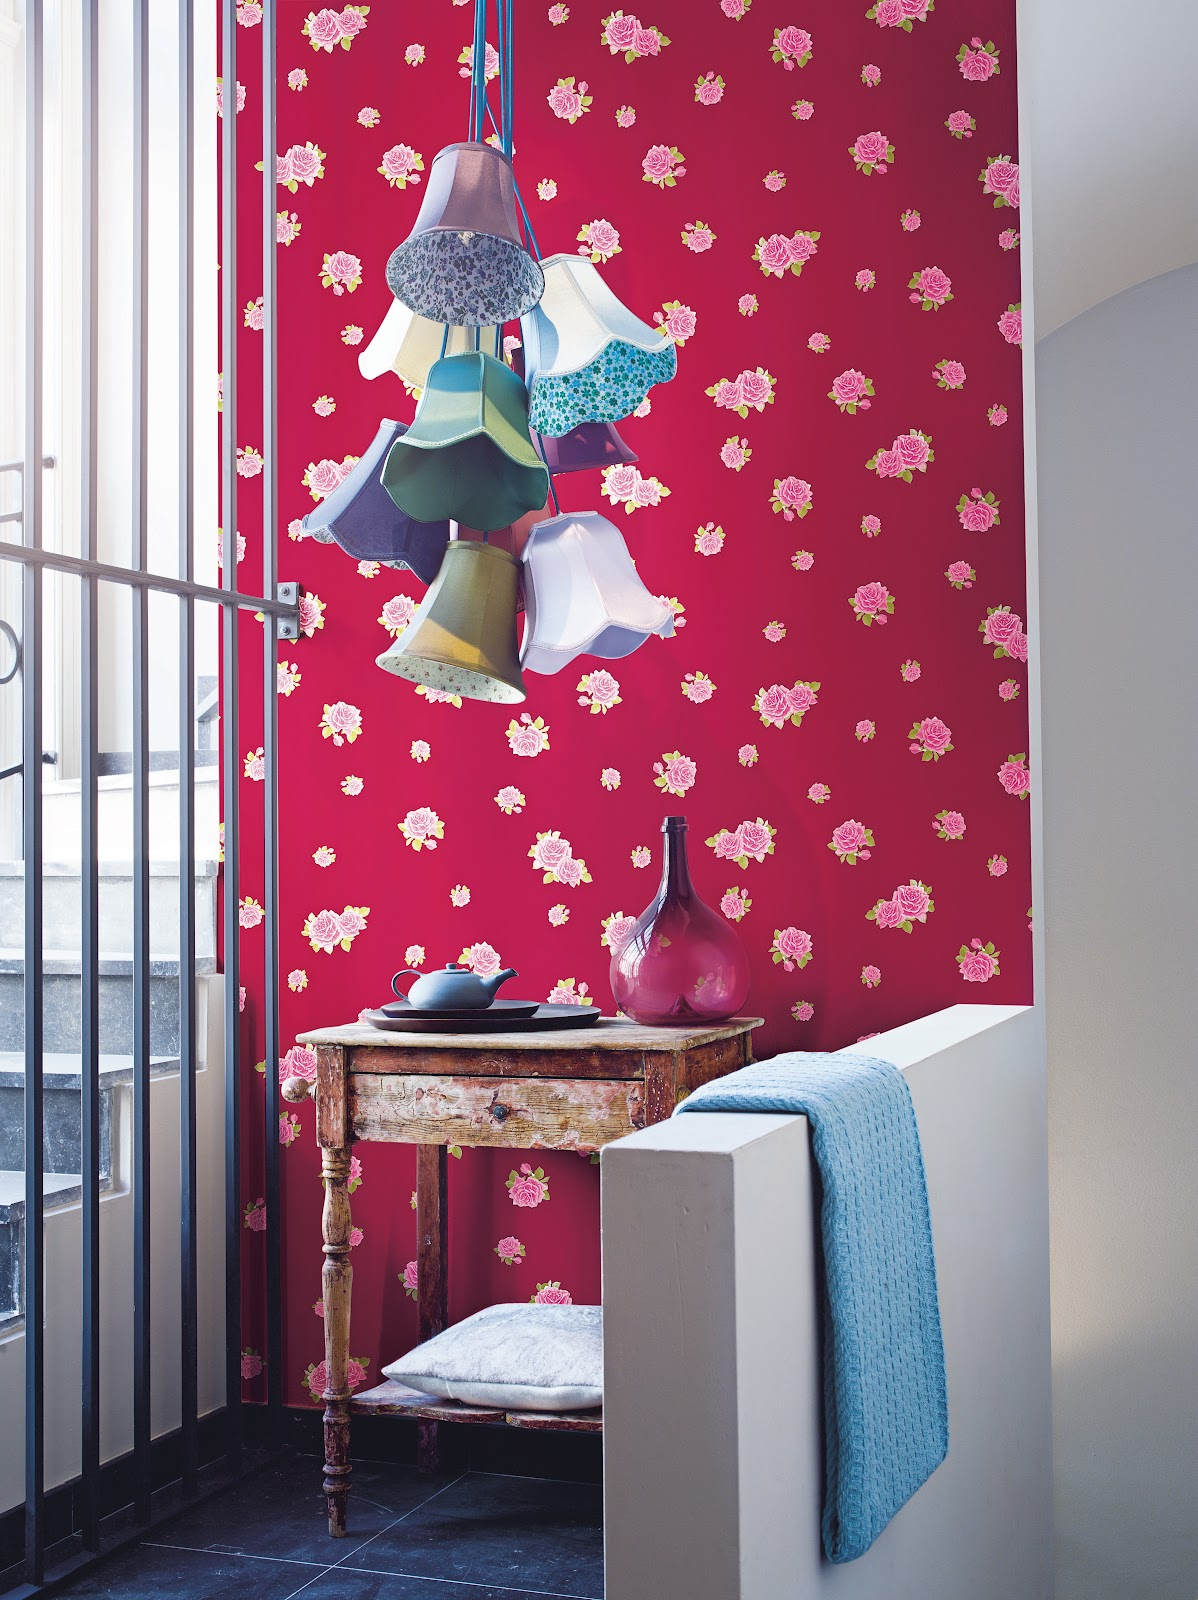 Papeles pintados aribau la vie en rose nueva colecci n for Papeles pintados aribau